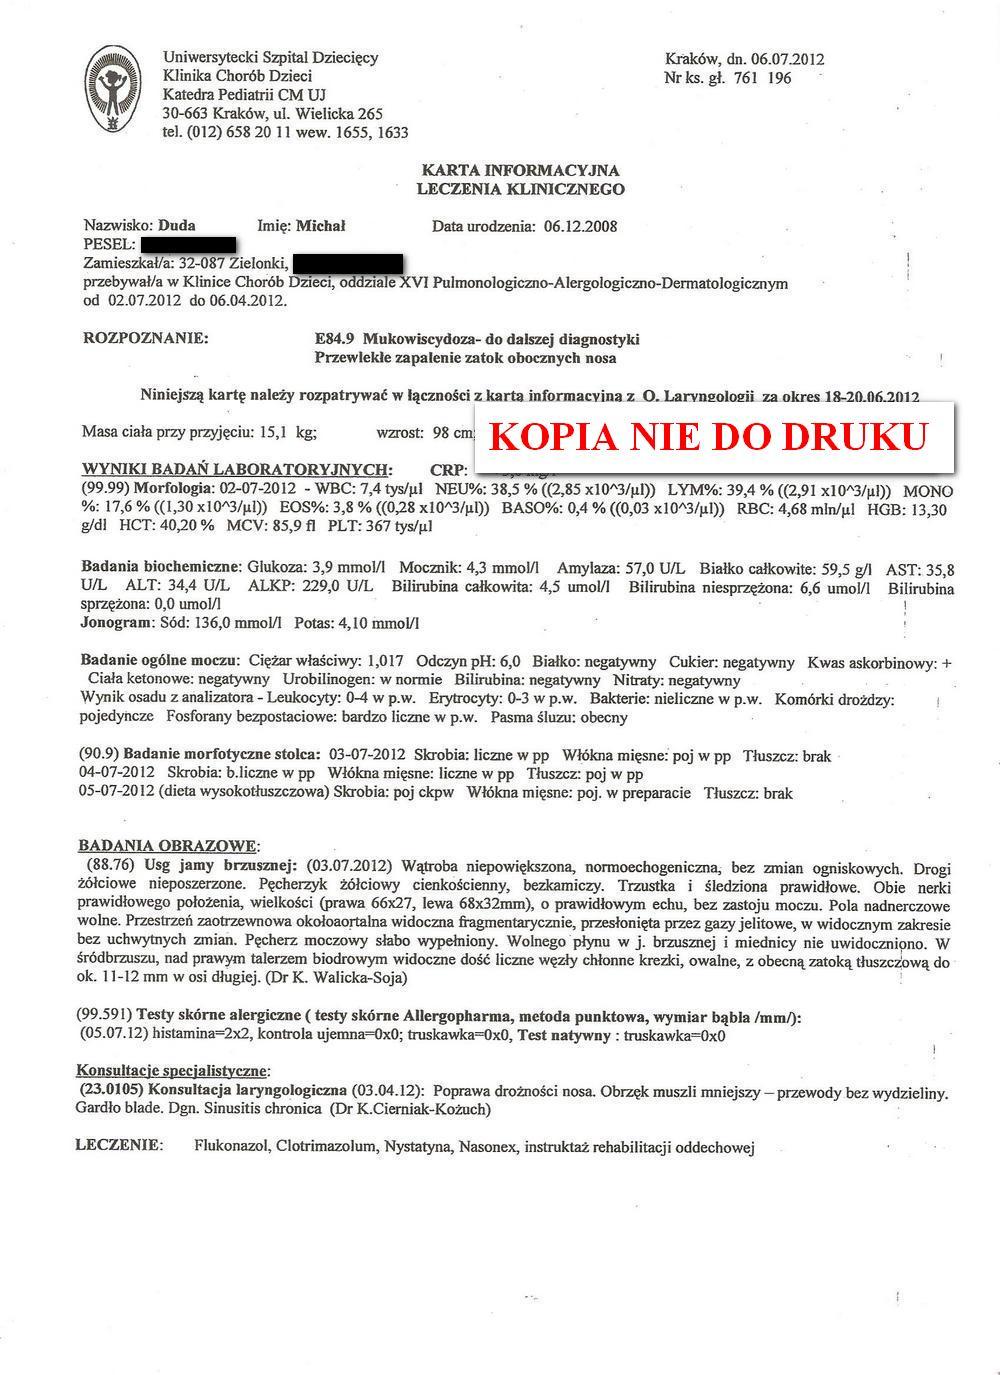 karta leczenia klinicznego USD w Krakowie 2